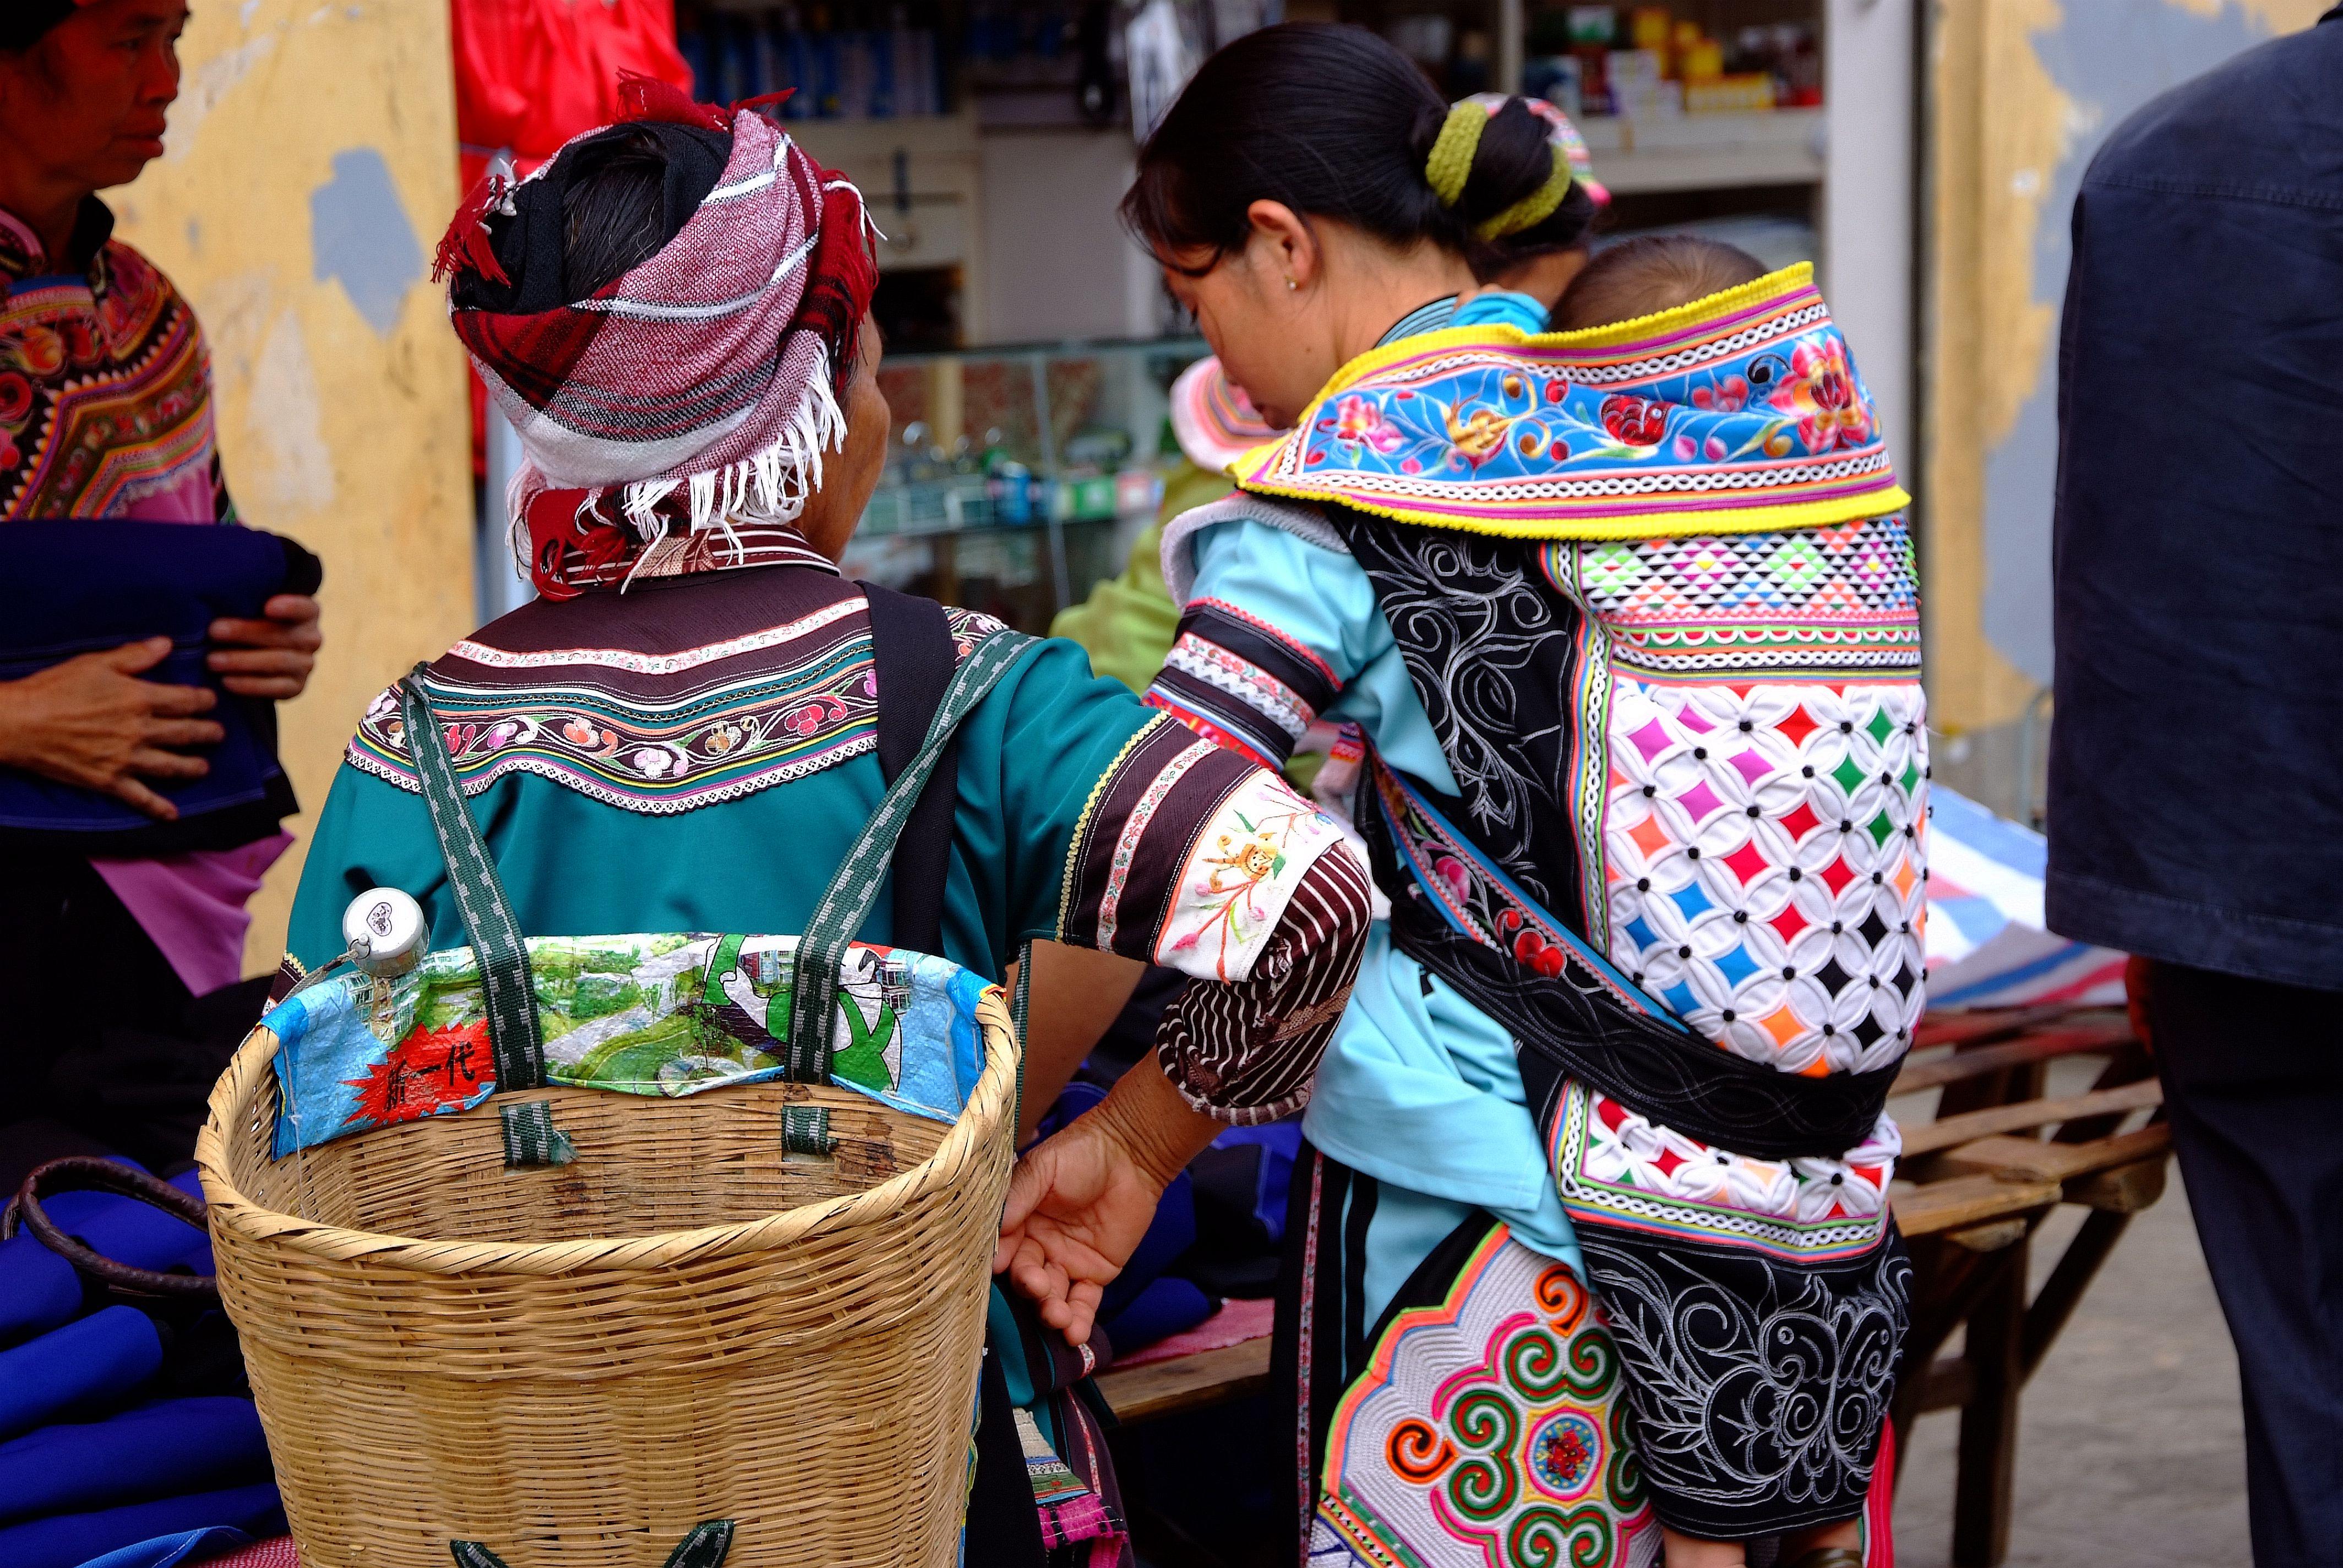 彝族女子的头饰,衣襟袖口